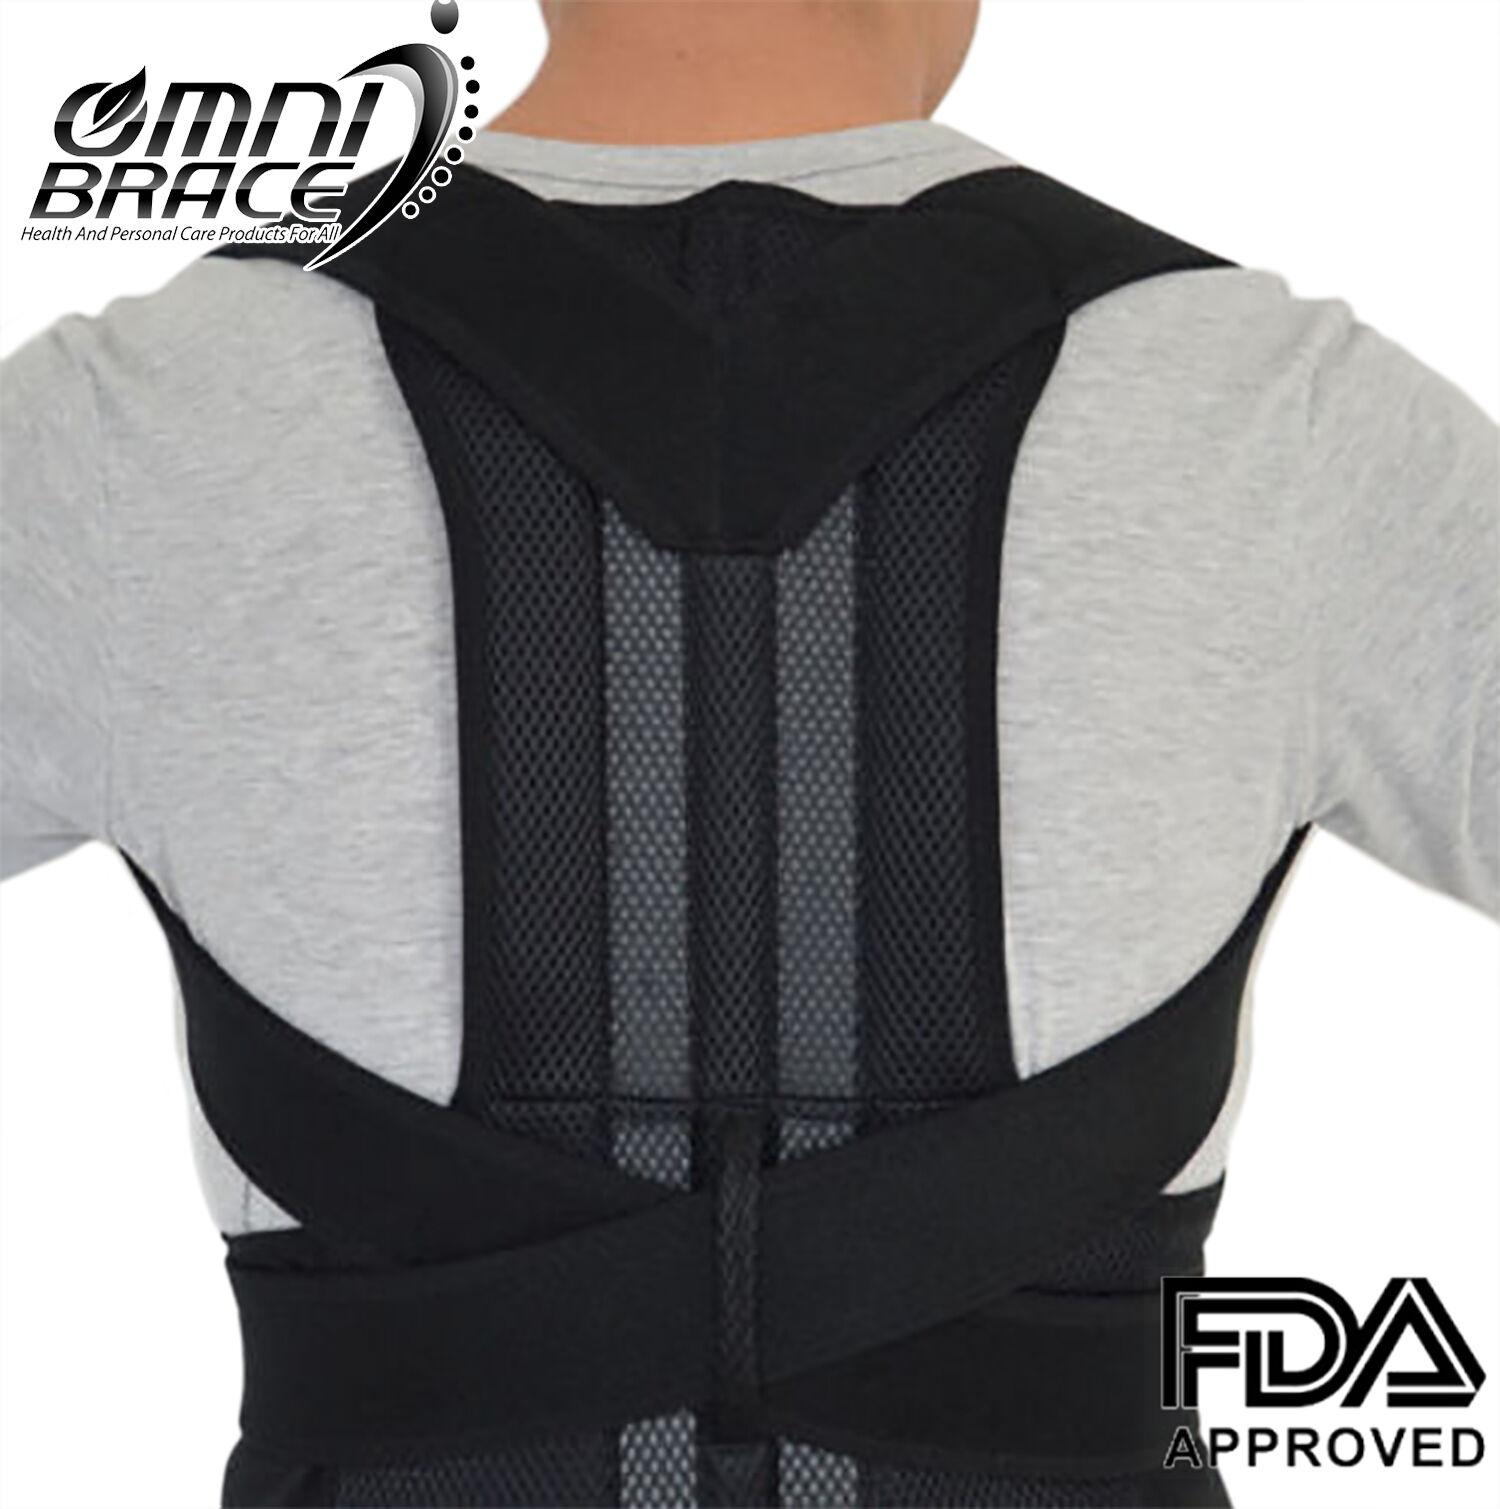 OMNIBRACE-Unisex Neoprene Deluxe Full Back Posture Corrector